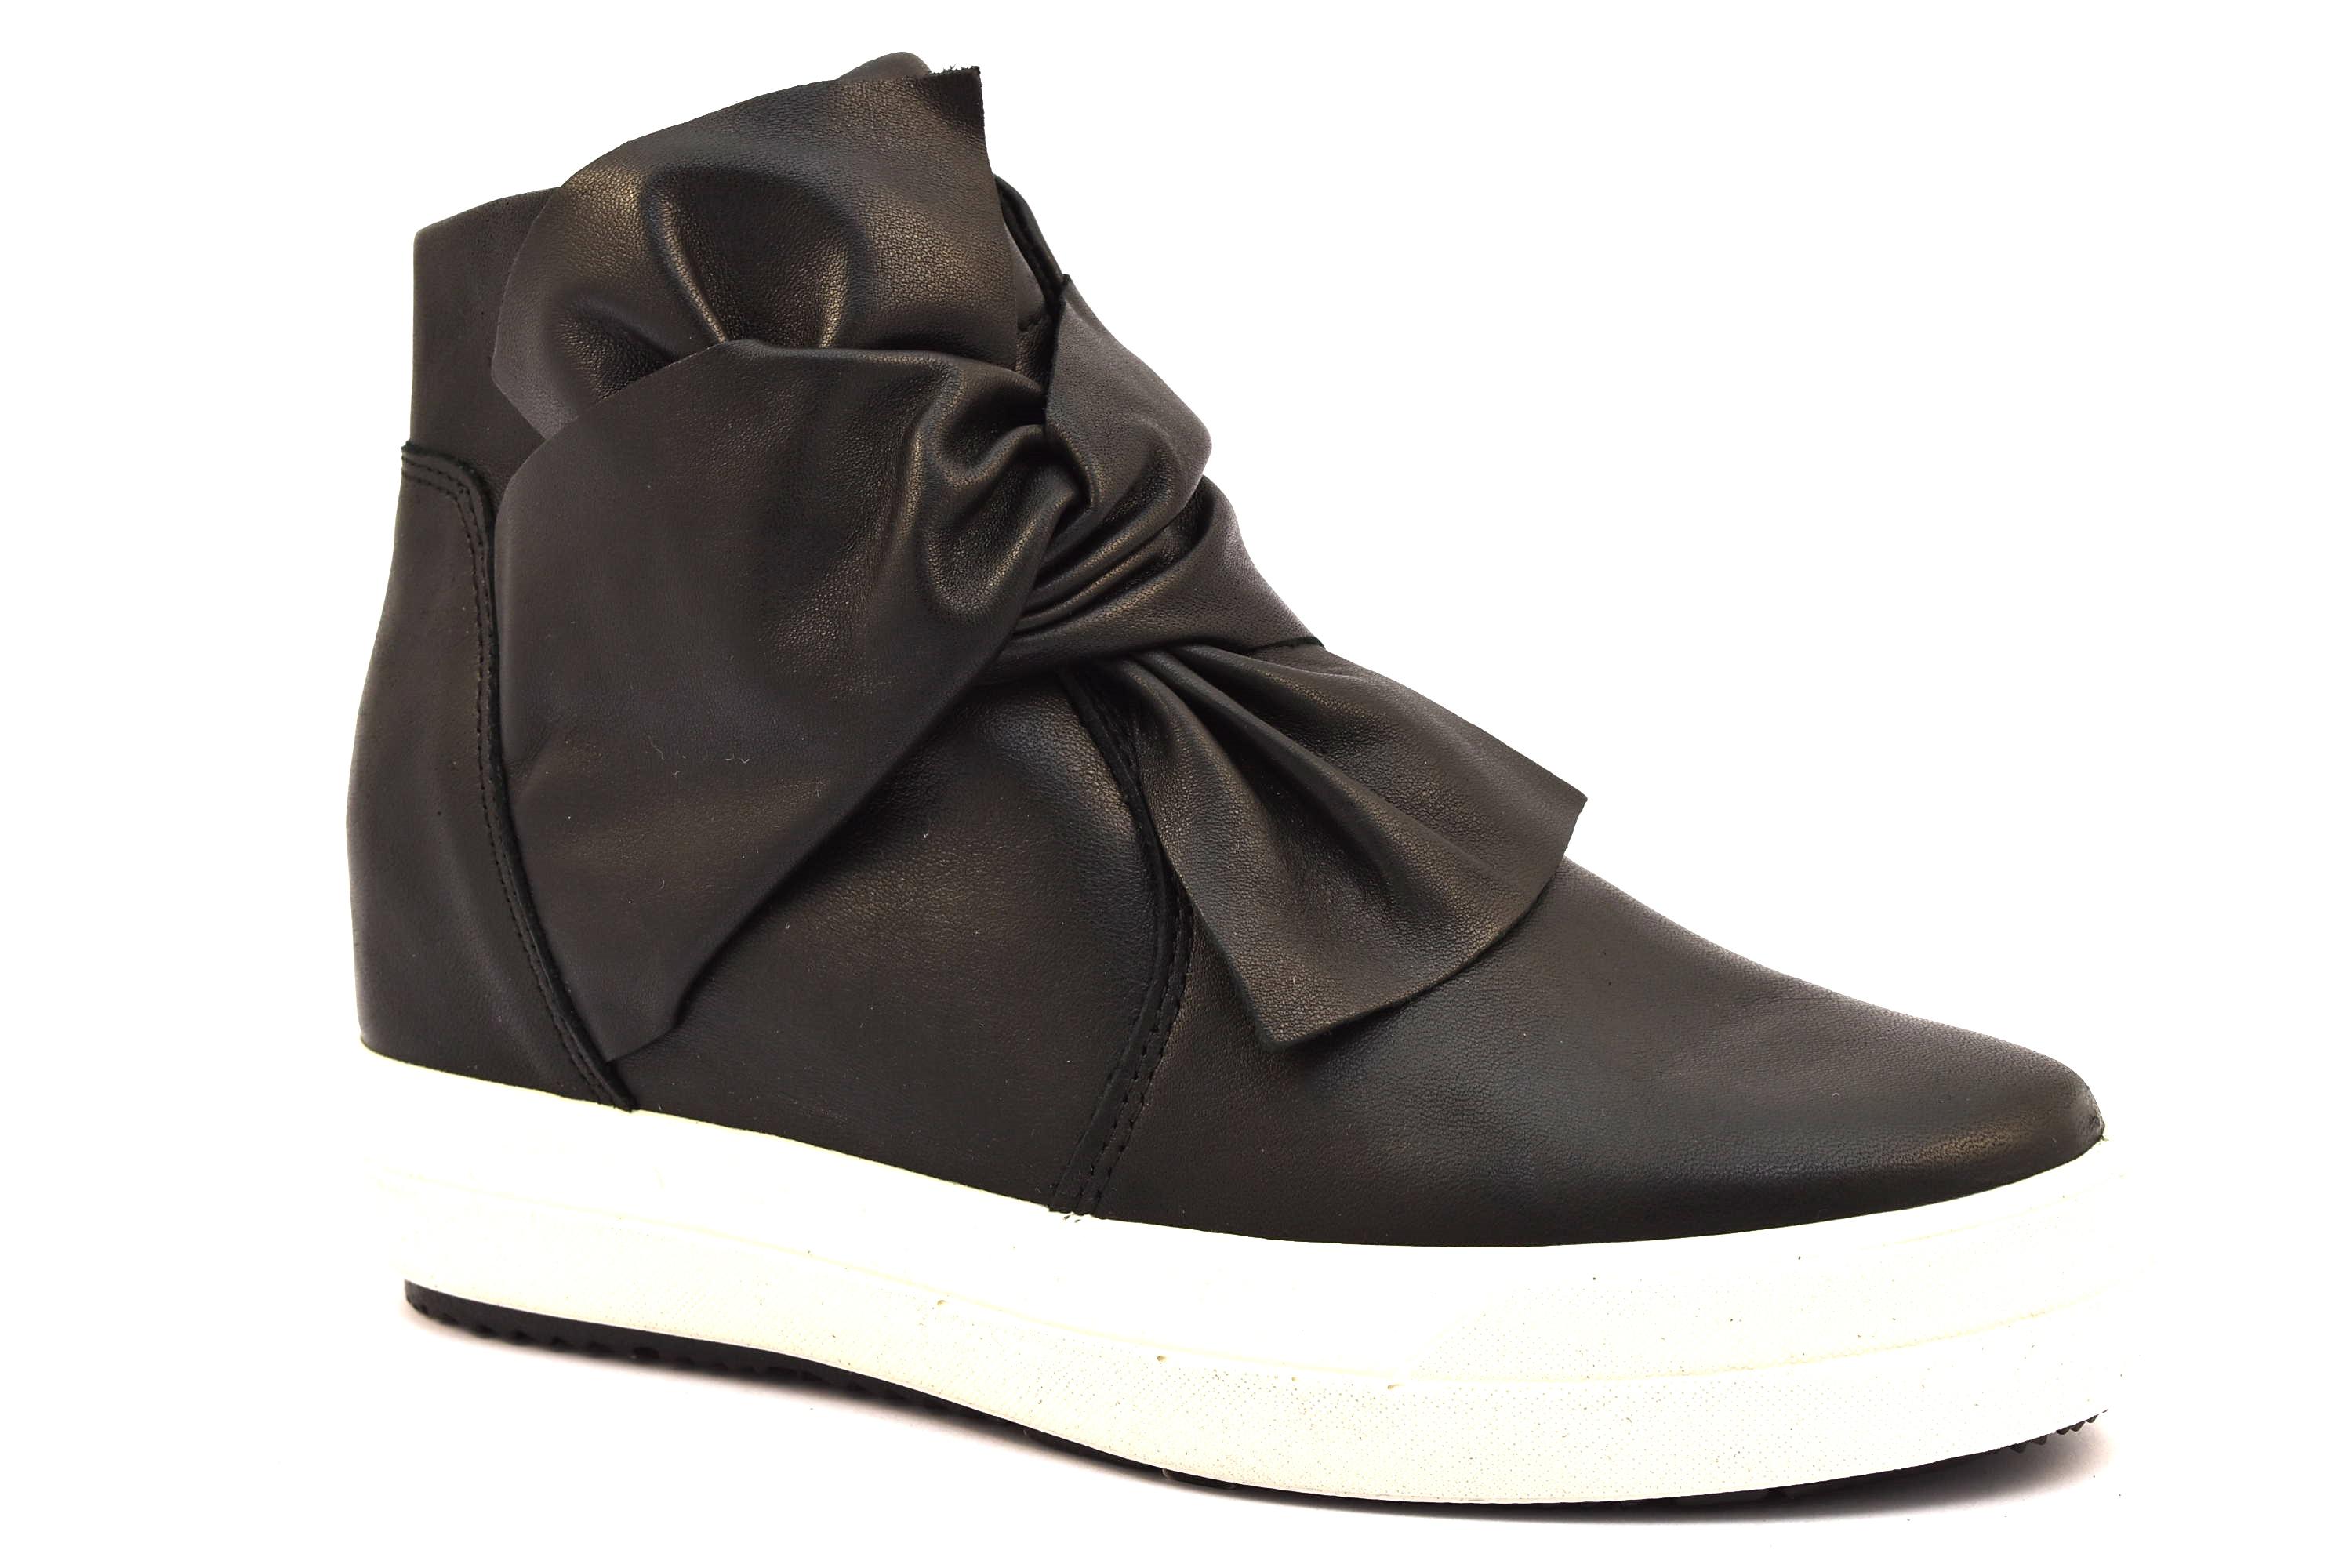 IGIeCO 2156700 NERO Sneakers Alte Scarpe Polacco Zeppa Interna Invernale  Donna Stivalino Stivale Tacchi autunno inverno 87083c761a1